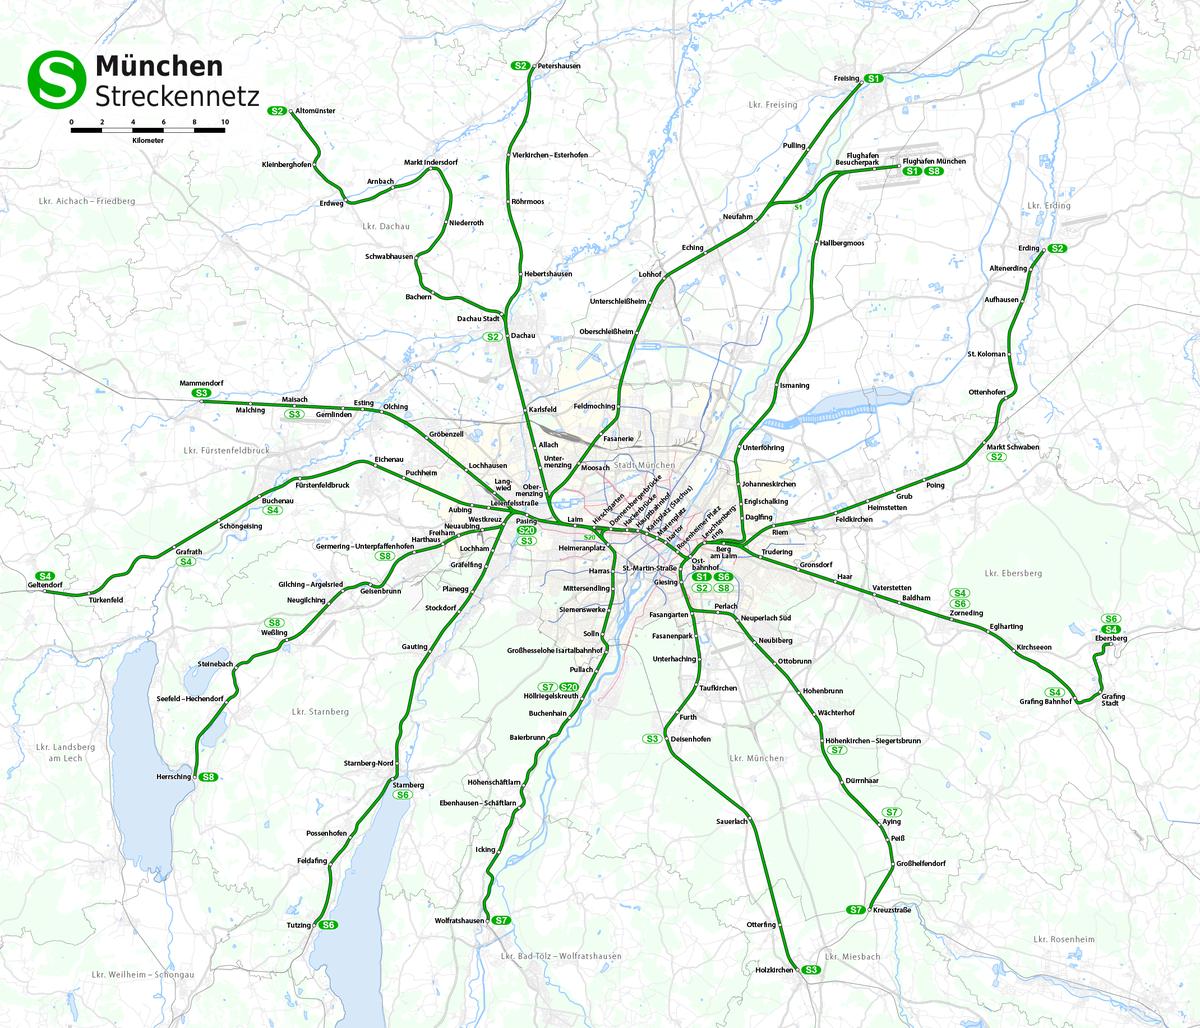 Liste Der Stationen Der S Bahn München Wikipedia